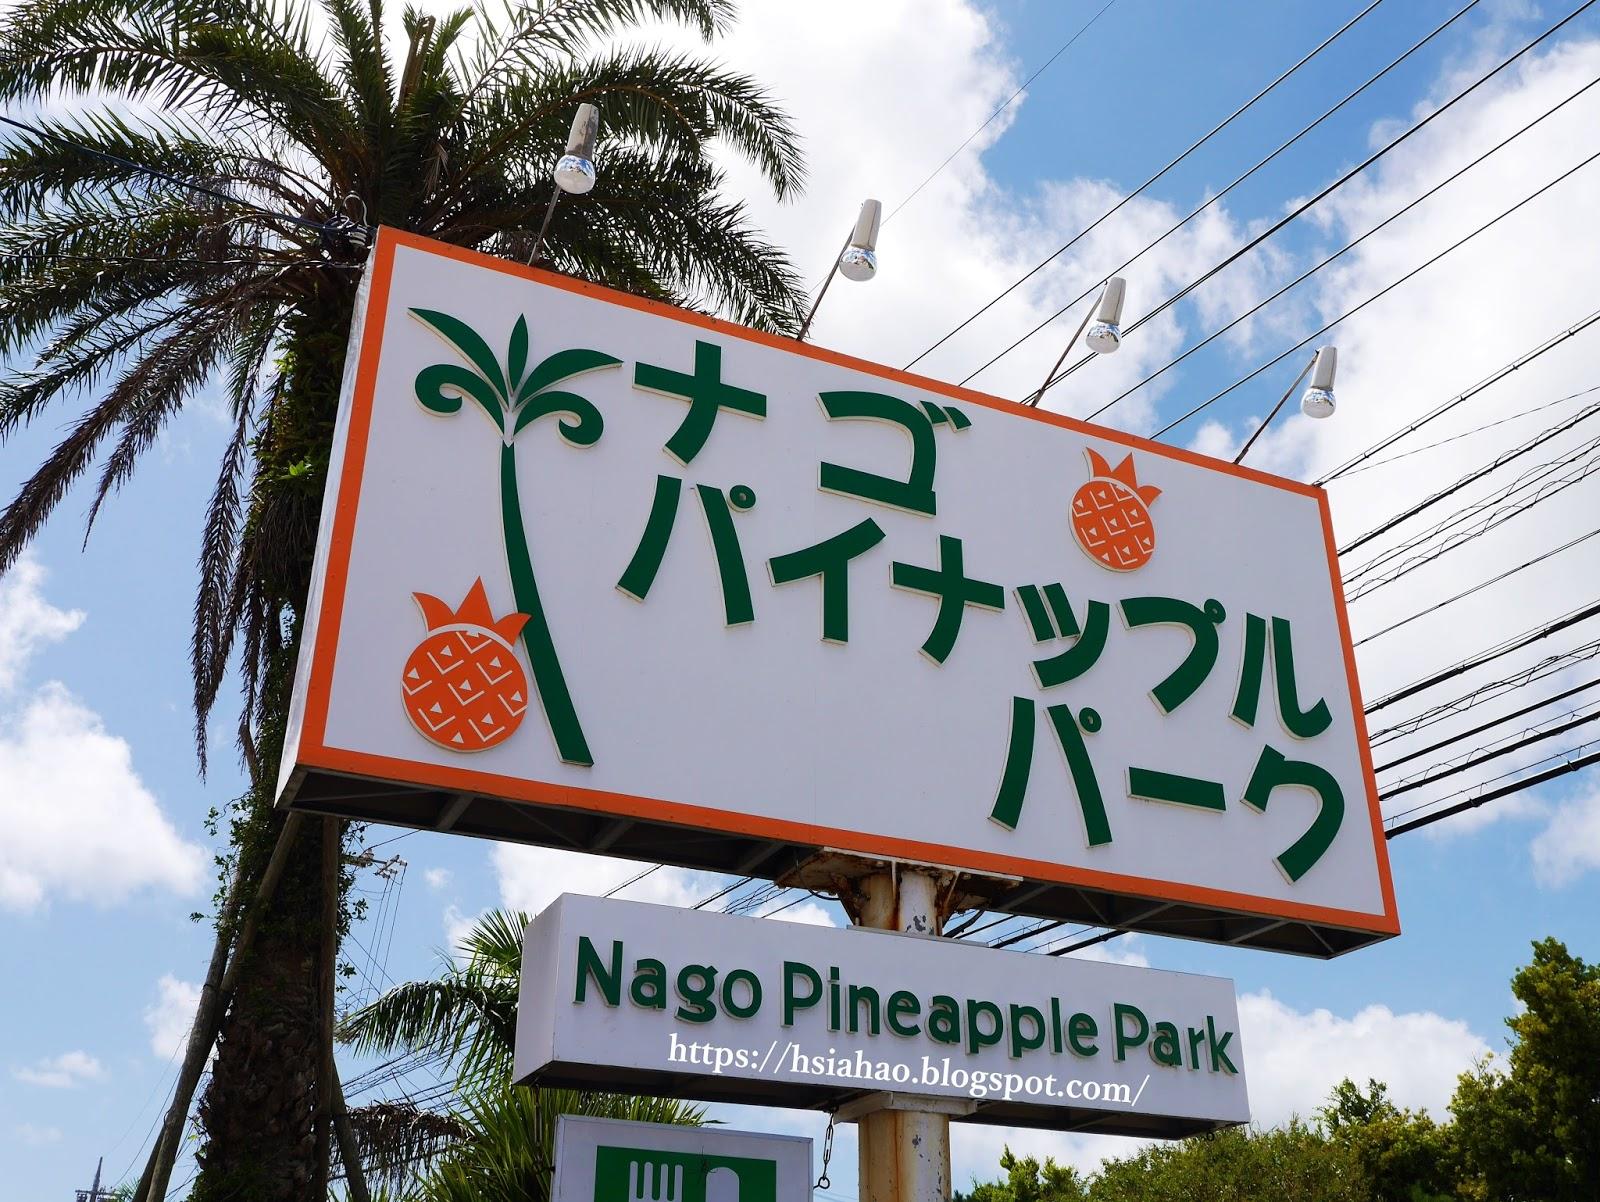 沖繩-景點-名護-名護鳳梨公園-pineapple-park-ナゴパイナップルパーク-推薦-親子-自由行-旅遊-Okinawa-Nago